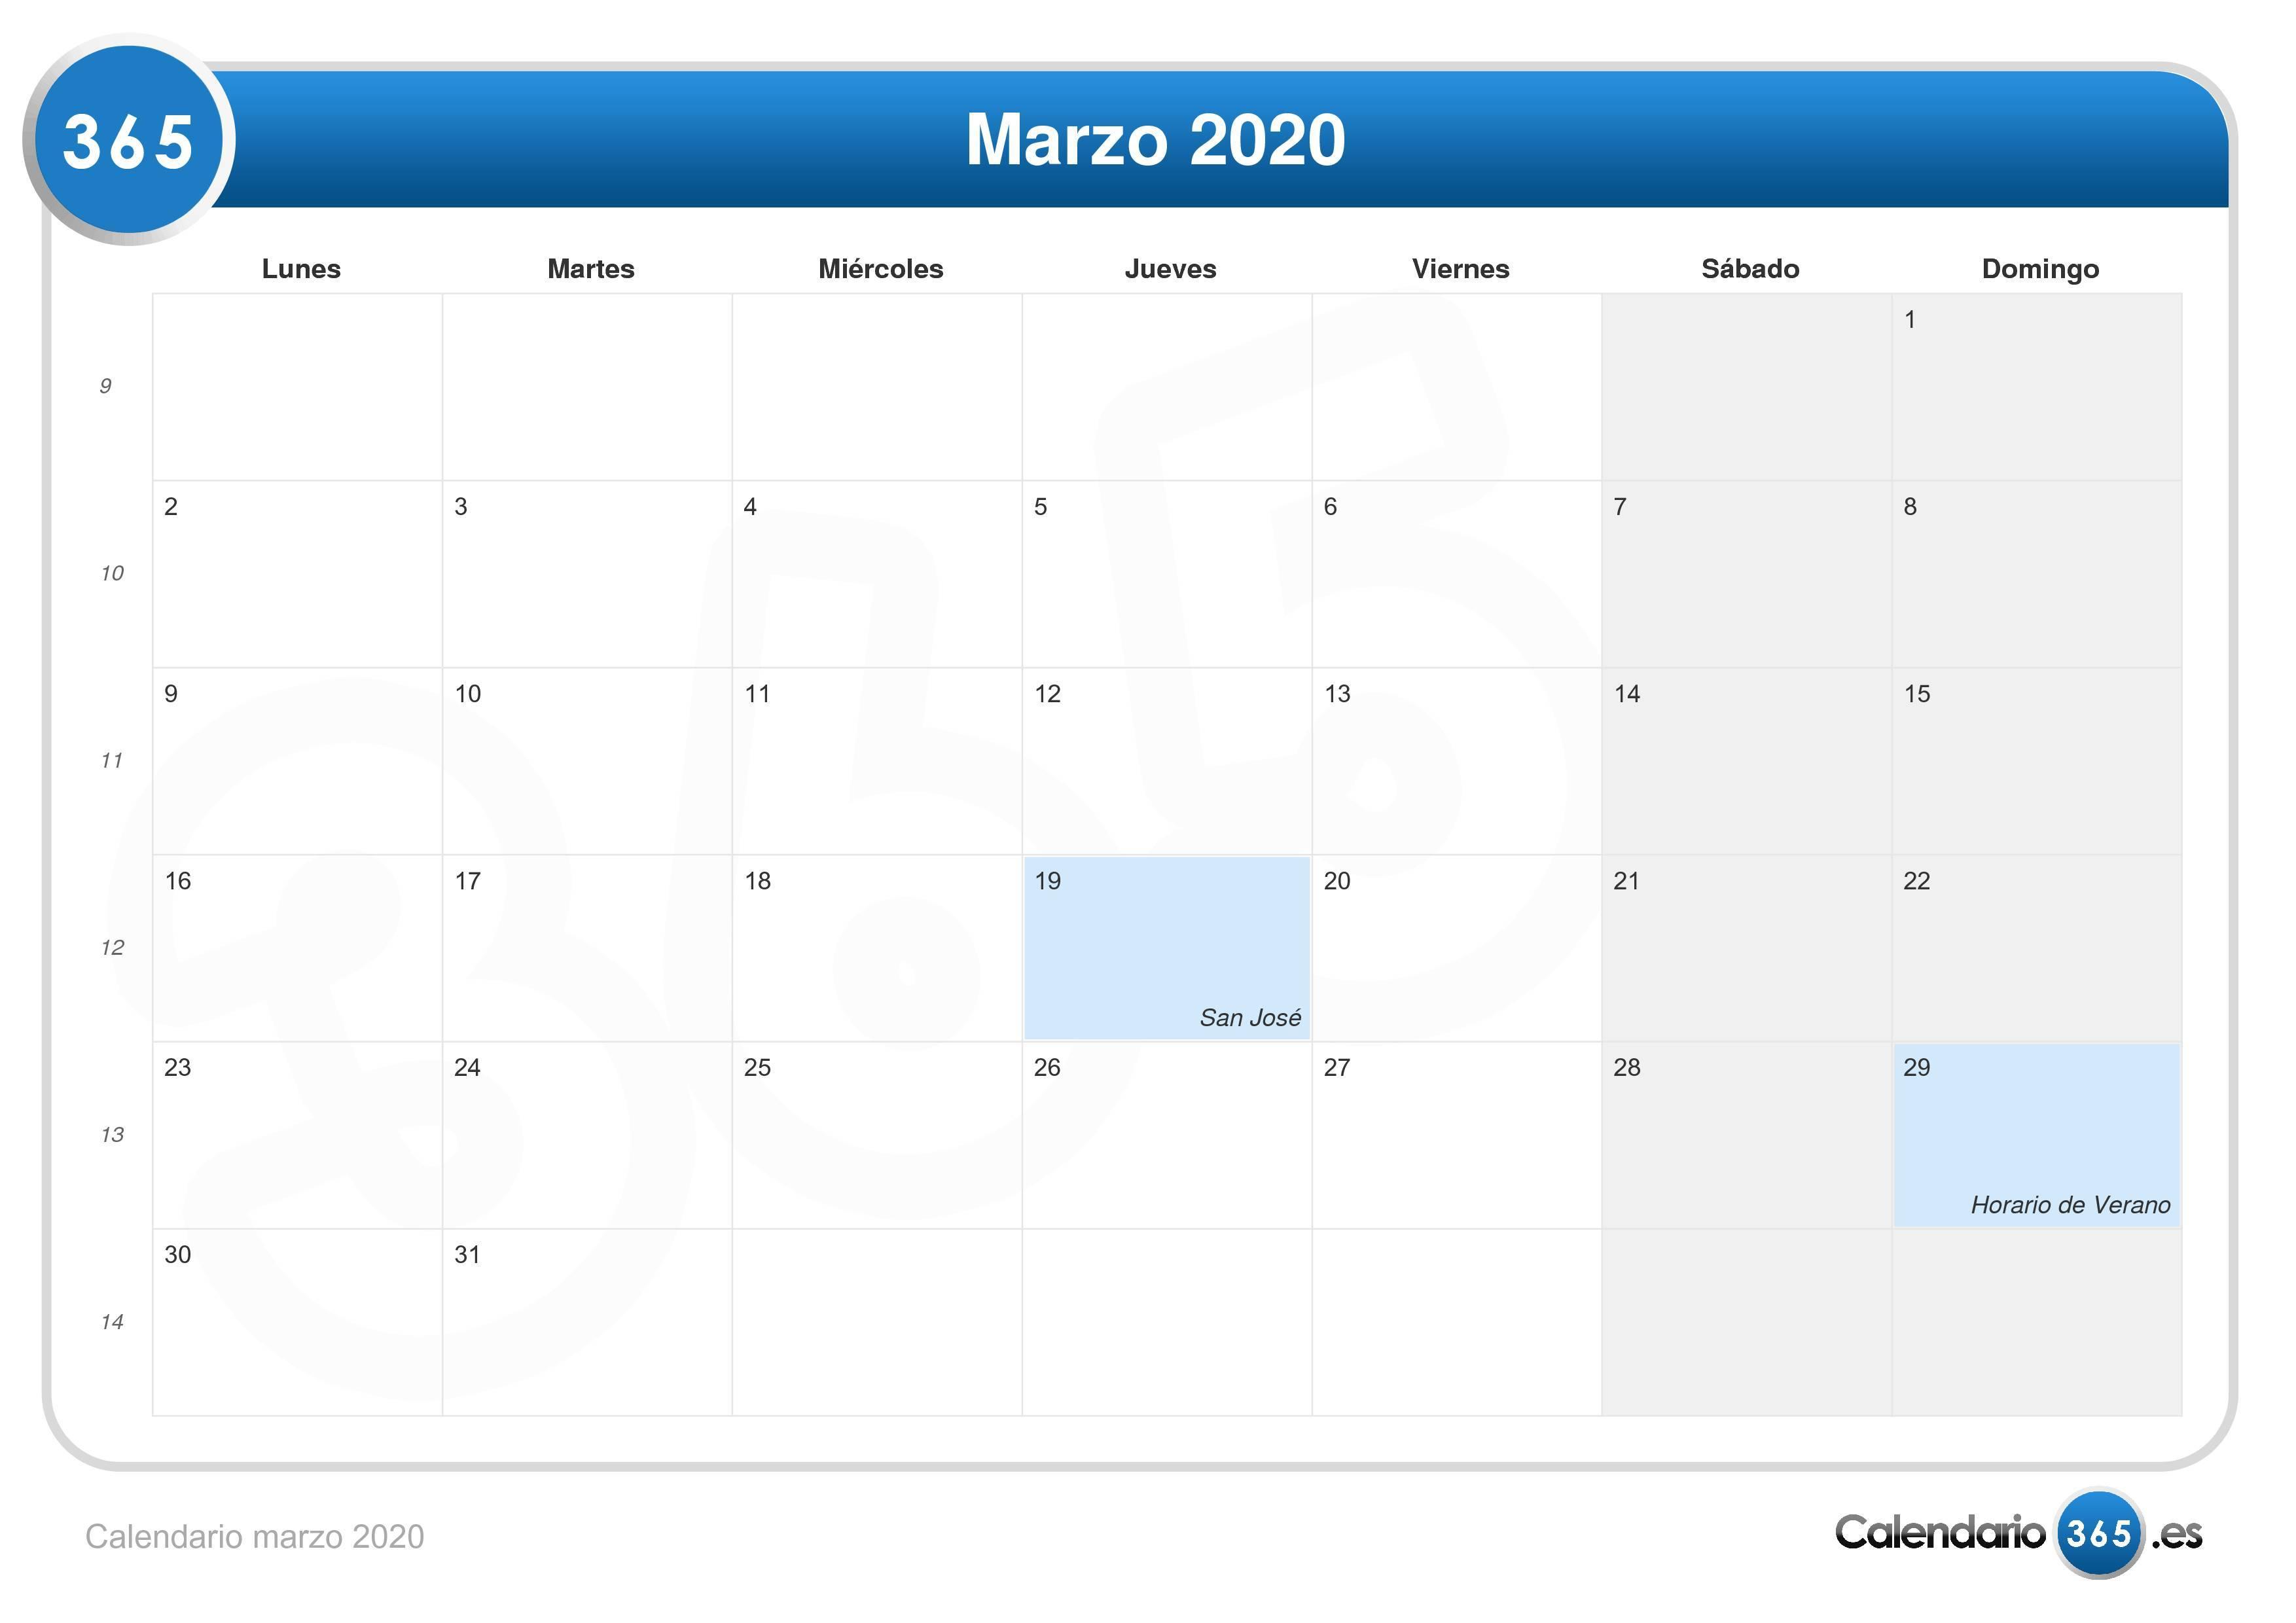 Calendario Escolar 2020 19 Sevilla.Calendario Marzo 2020